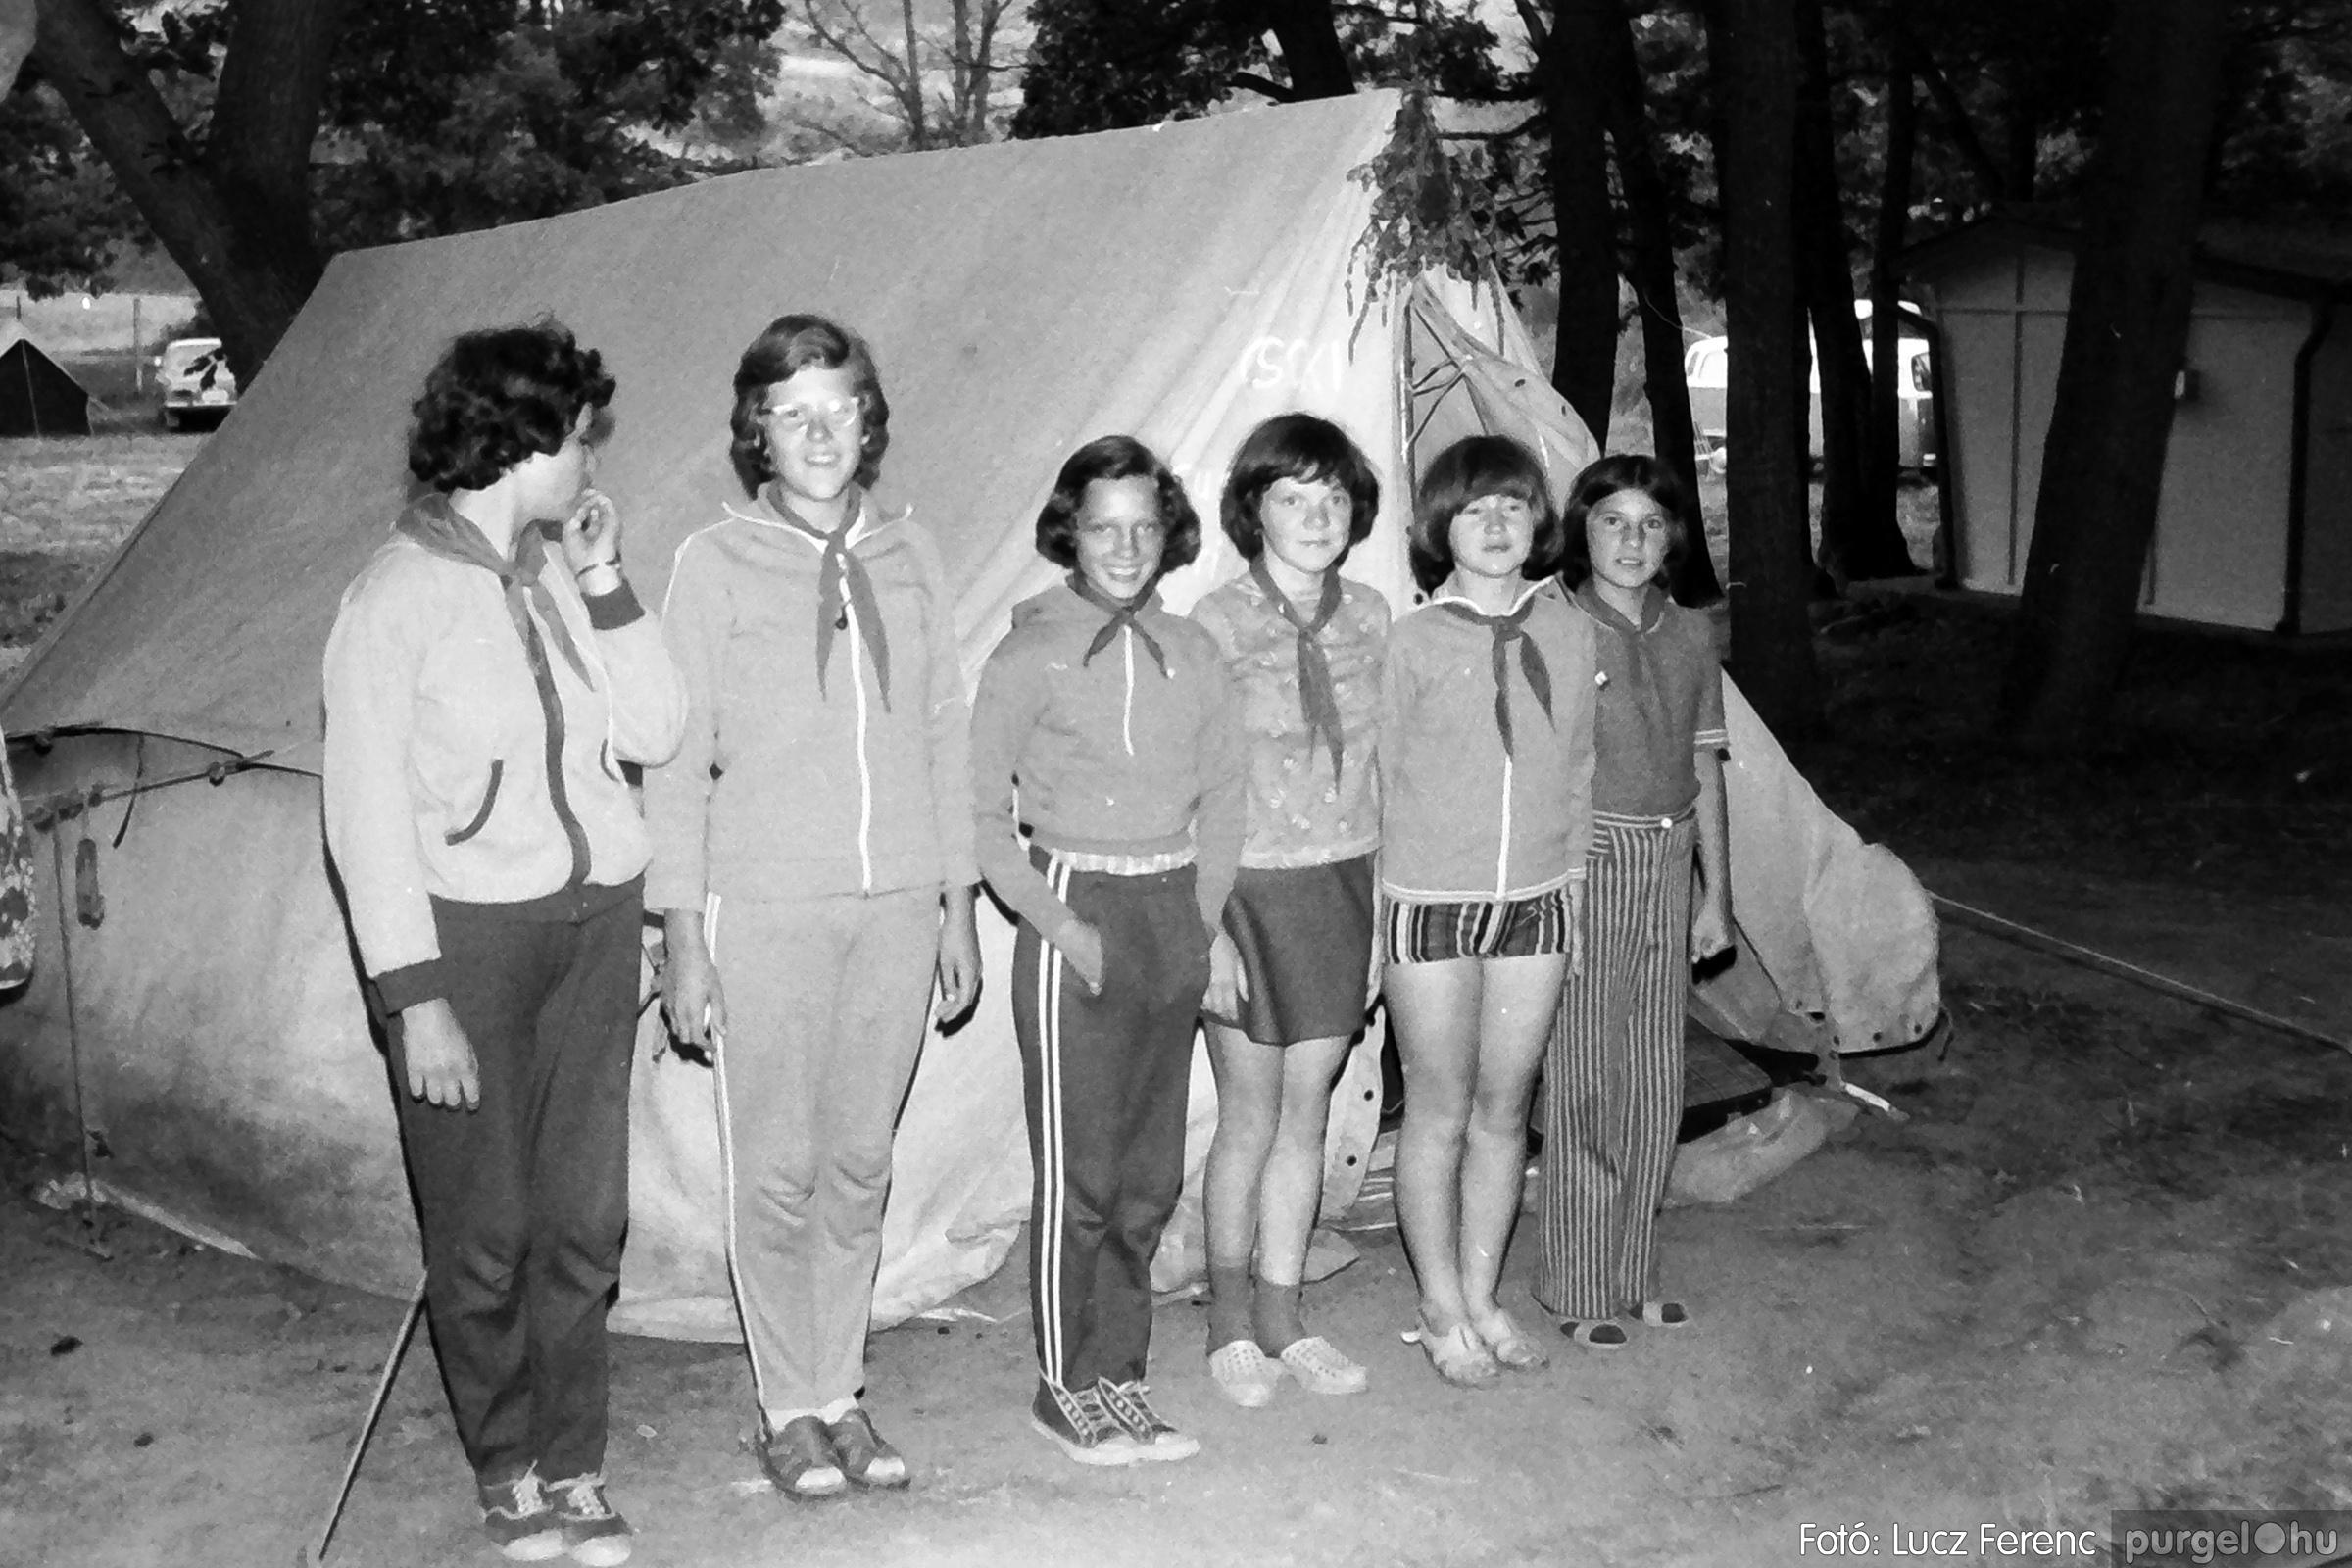 086, 088. 1977. Nyári tábor a Mátrában 049. - Fotó: Lucz Ferenc.jpg